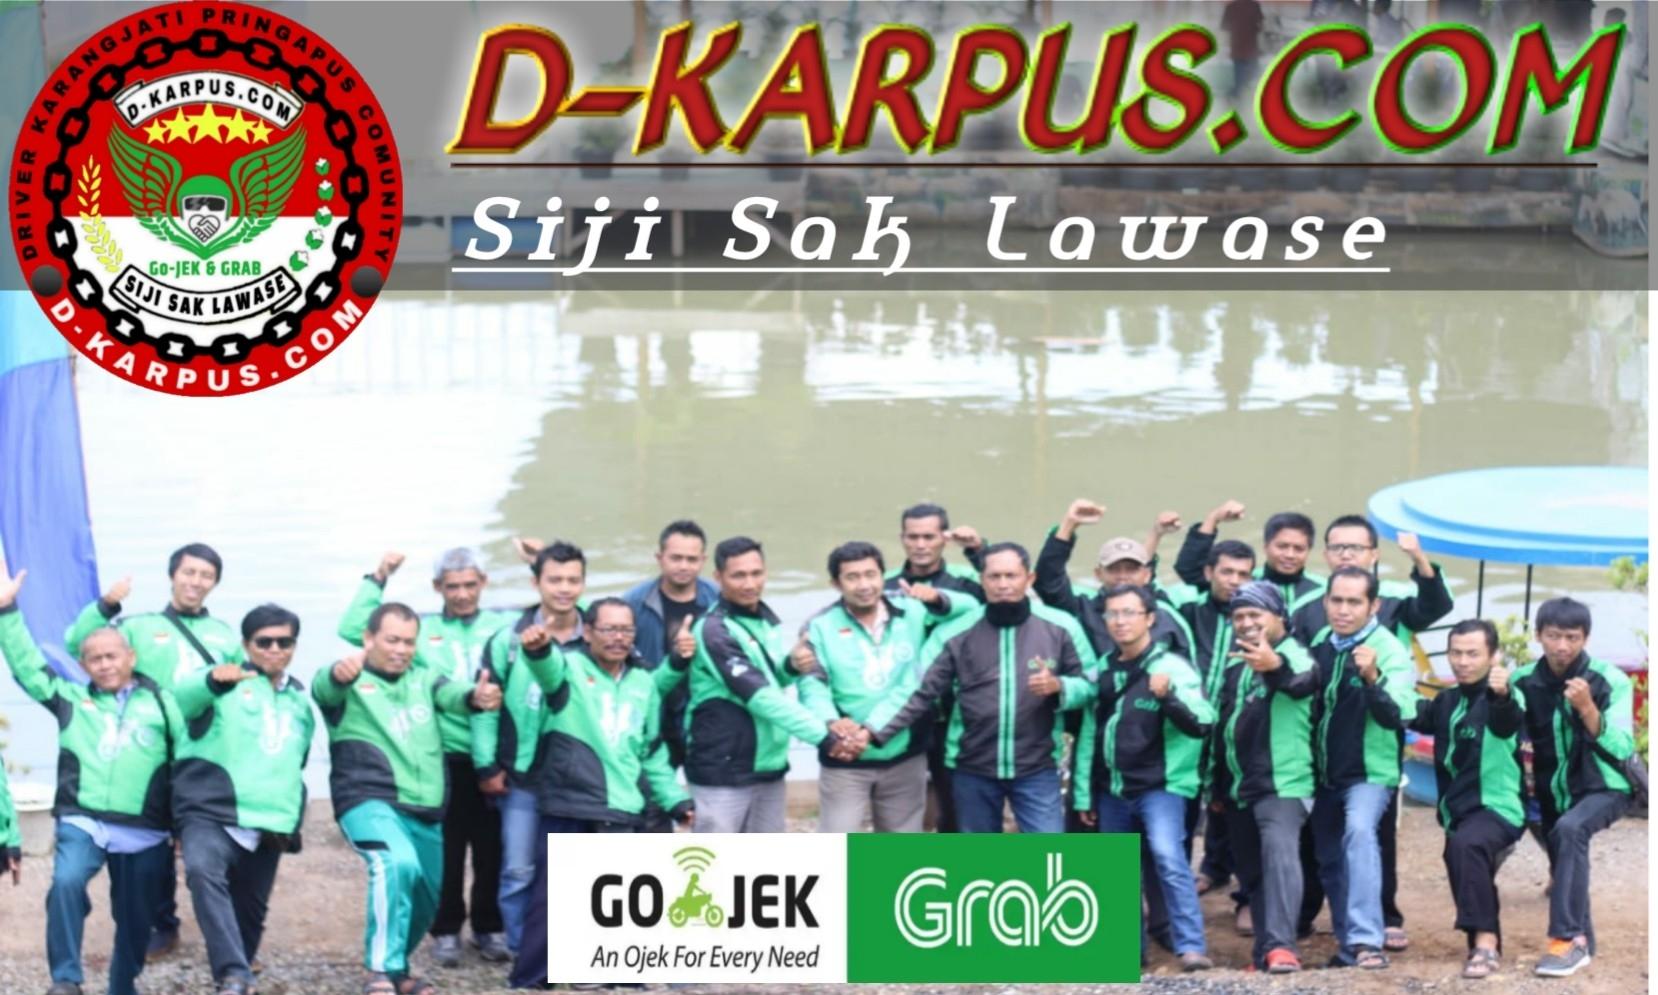 D-KARPUS.COM 0